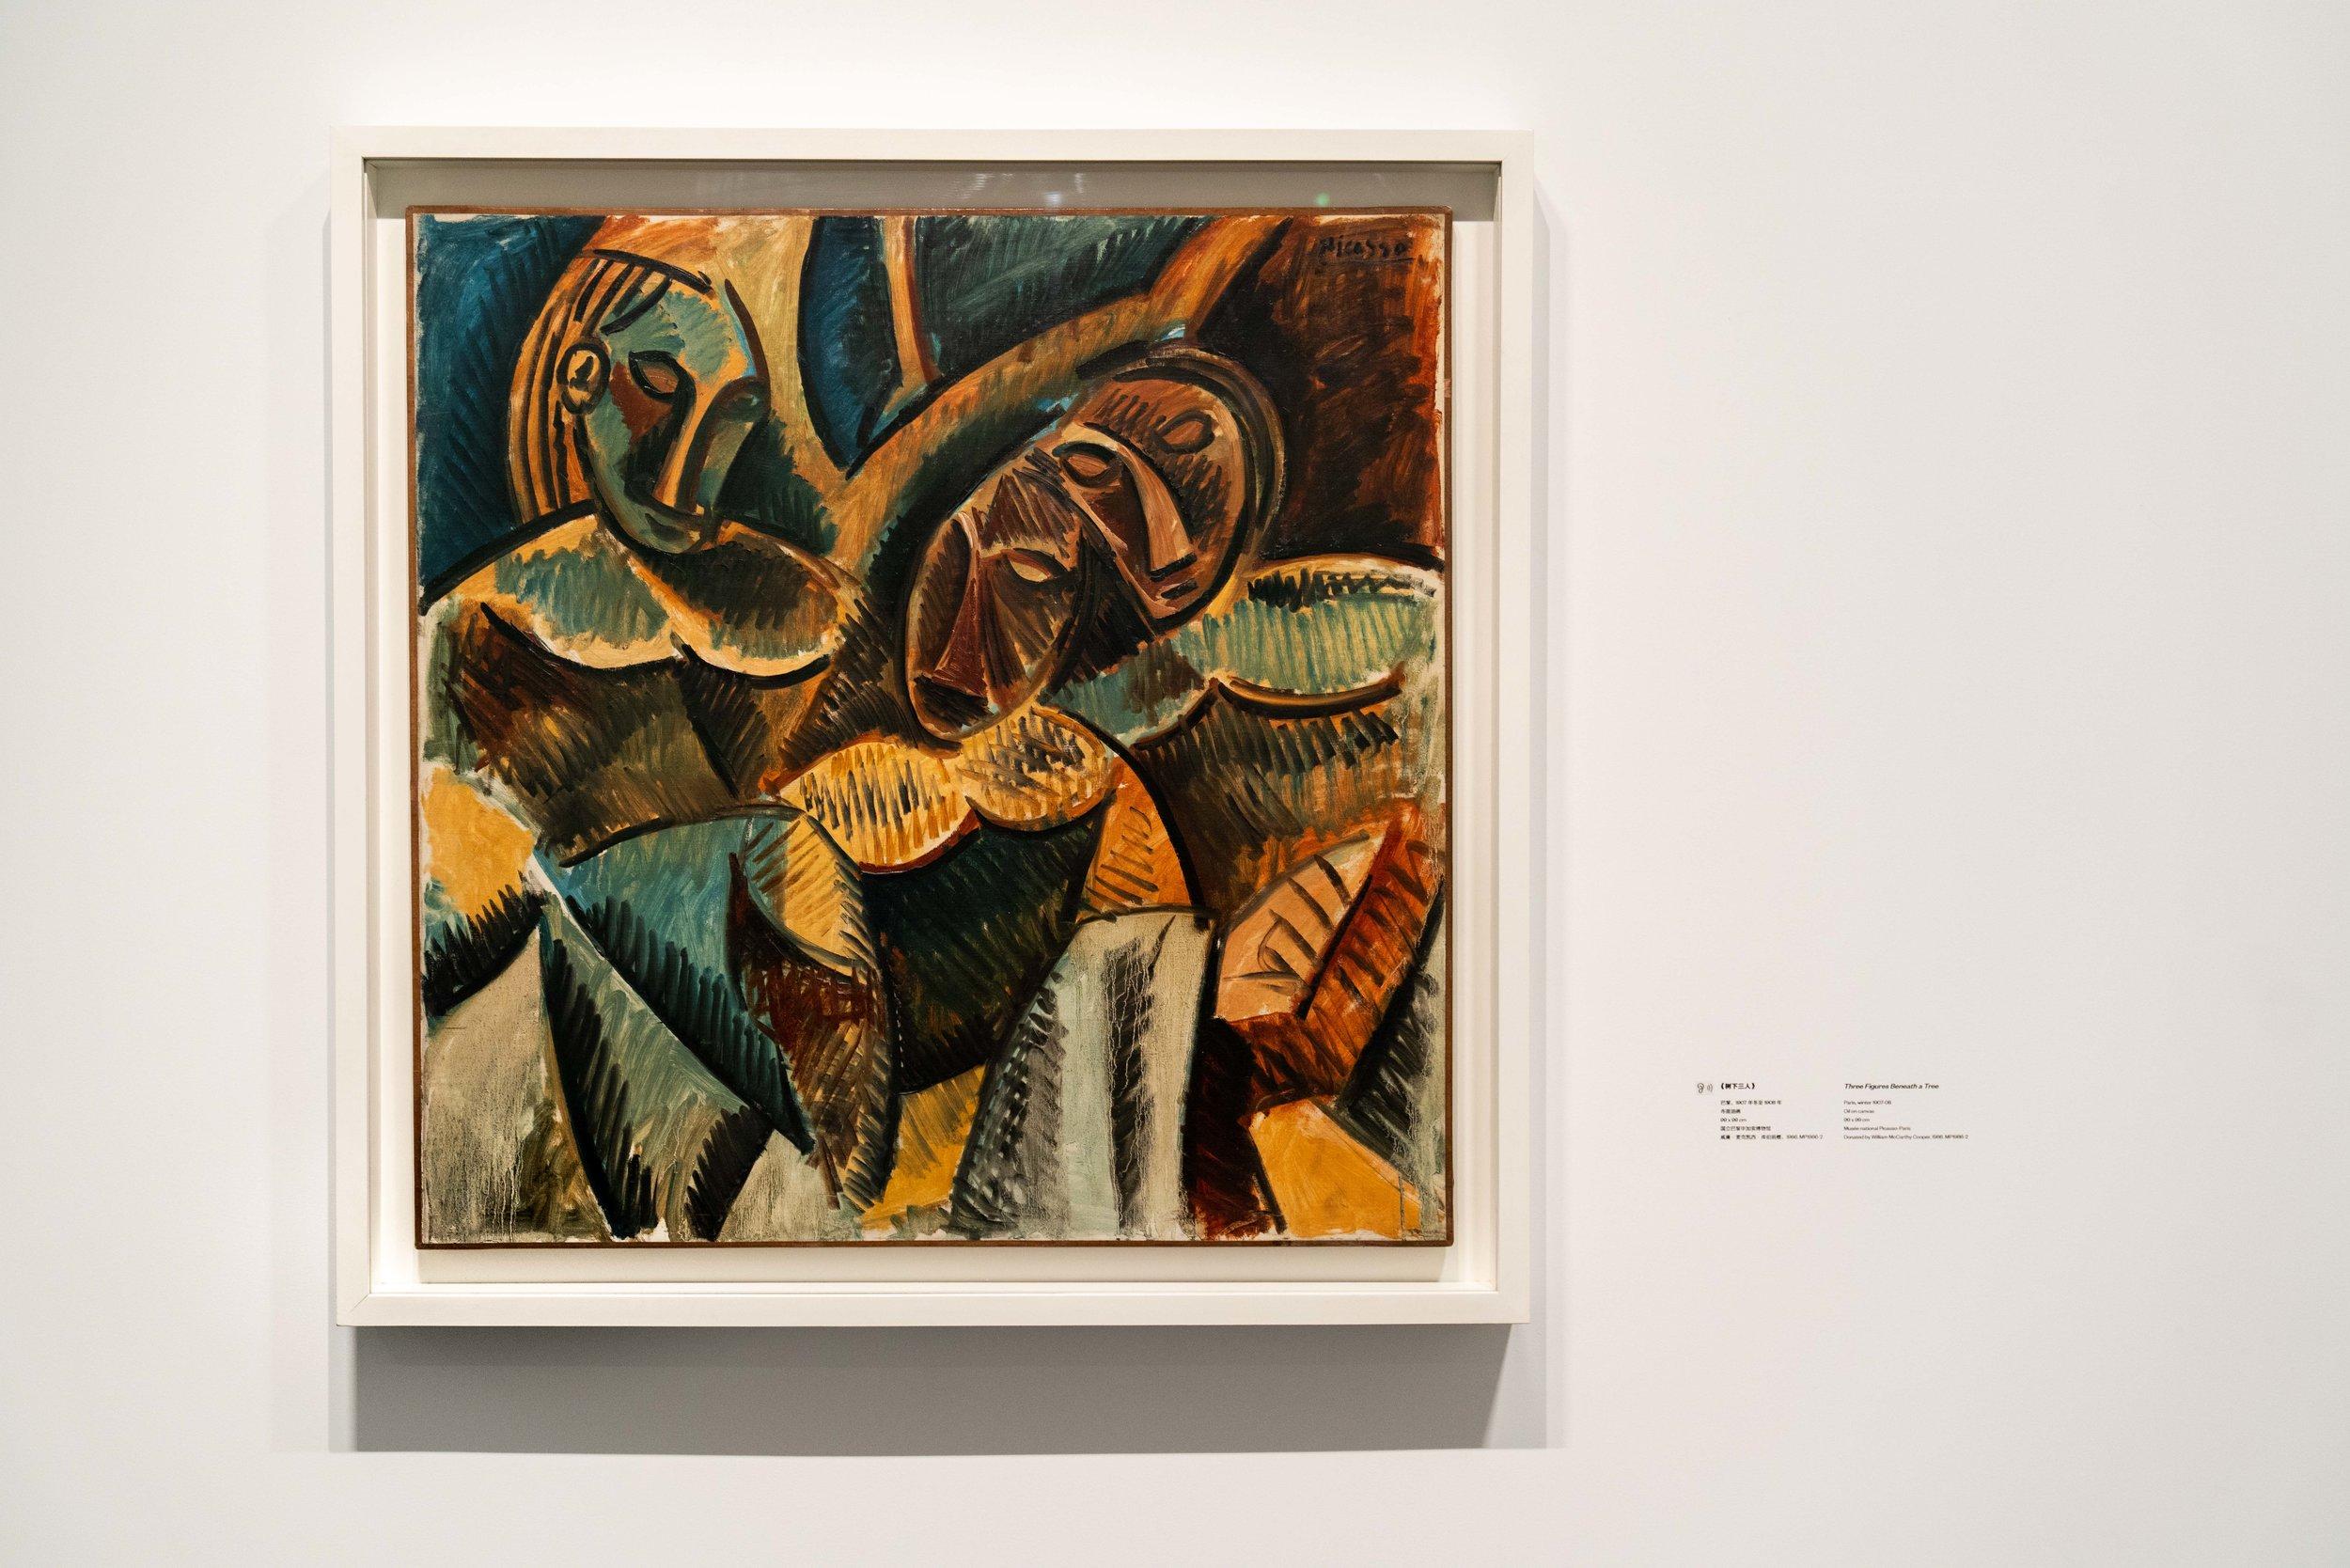 Trois figures sous un arbre  Paris, hiver 1907-08 Huile sur toile 99x99cm Musée national Picasso-Paris  © Succession Picasso 2019